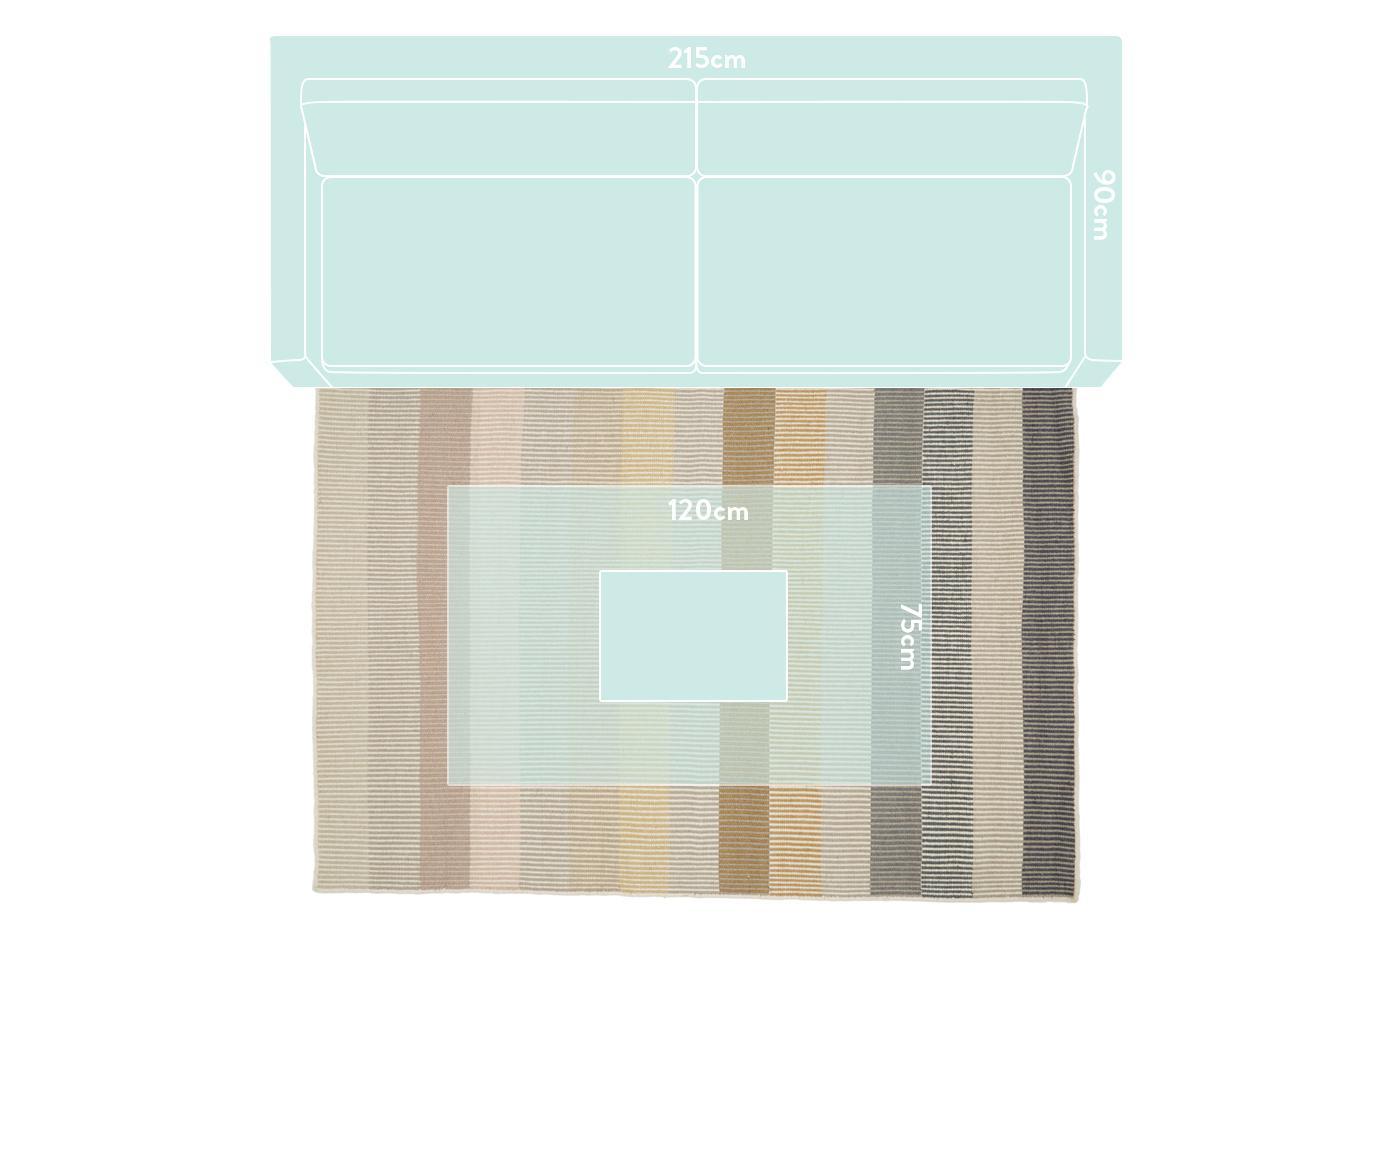 Gestreept handgeweven kelim vloerkleed Devise van wol, Multicolour, B 140 x L 200 cm (maat S)